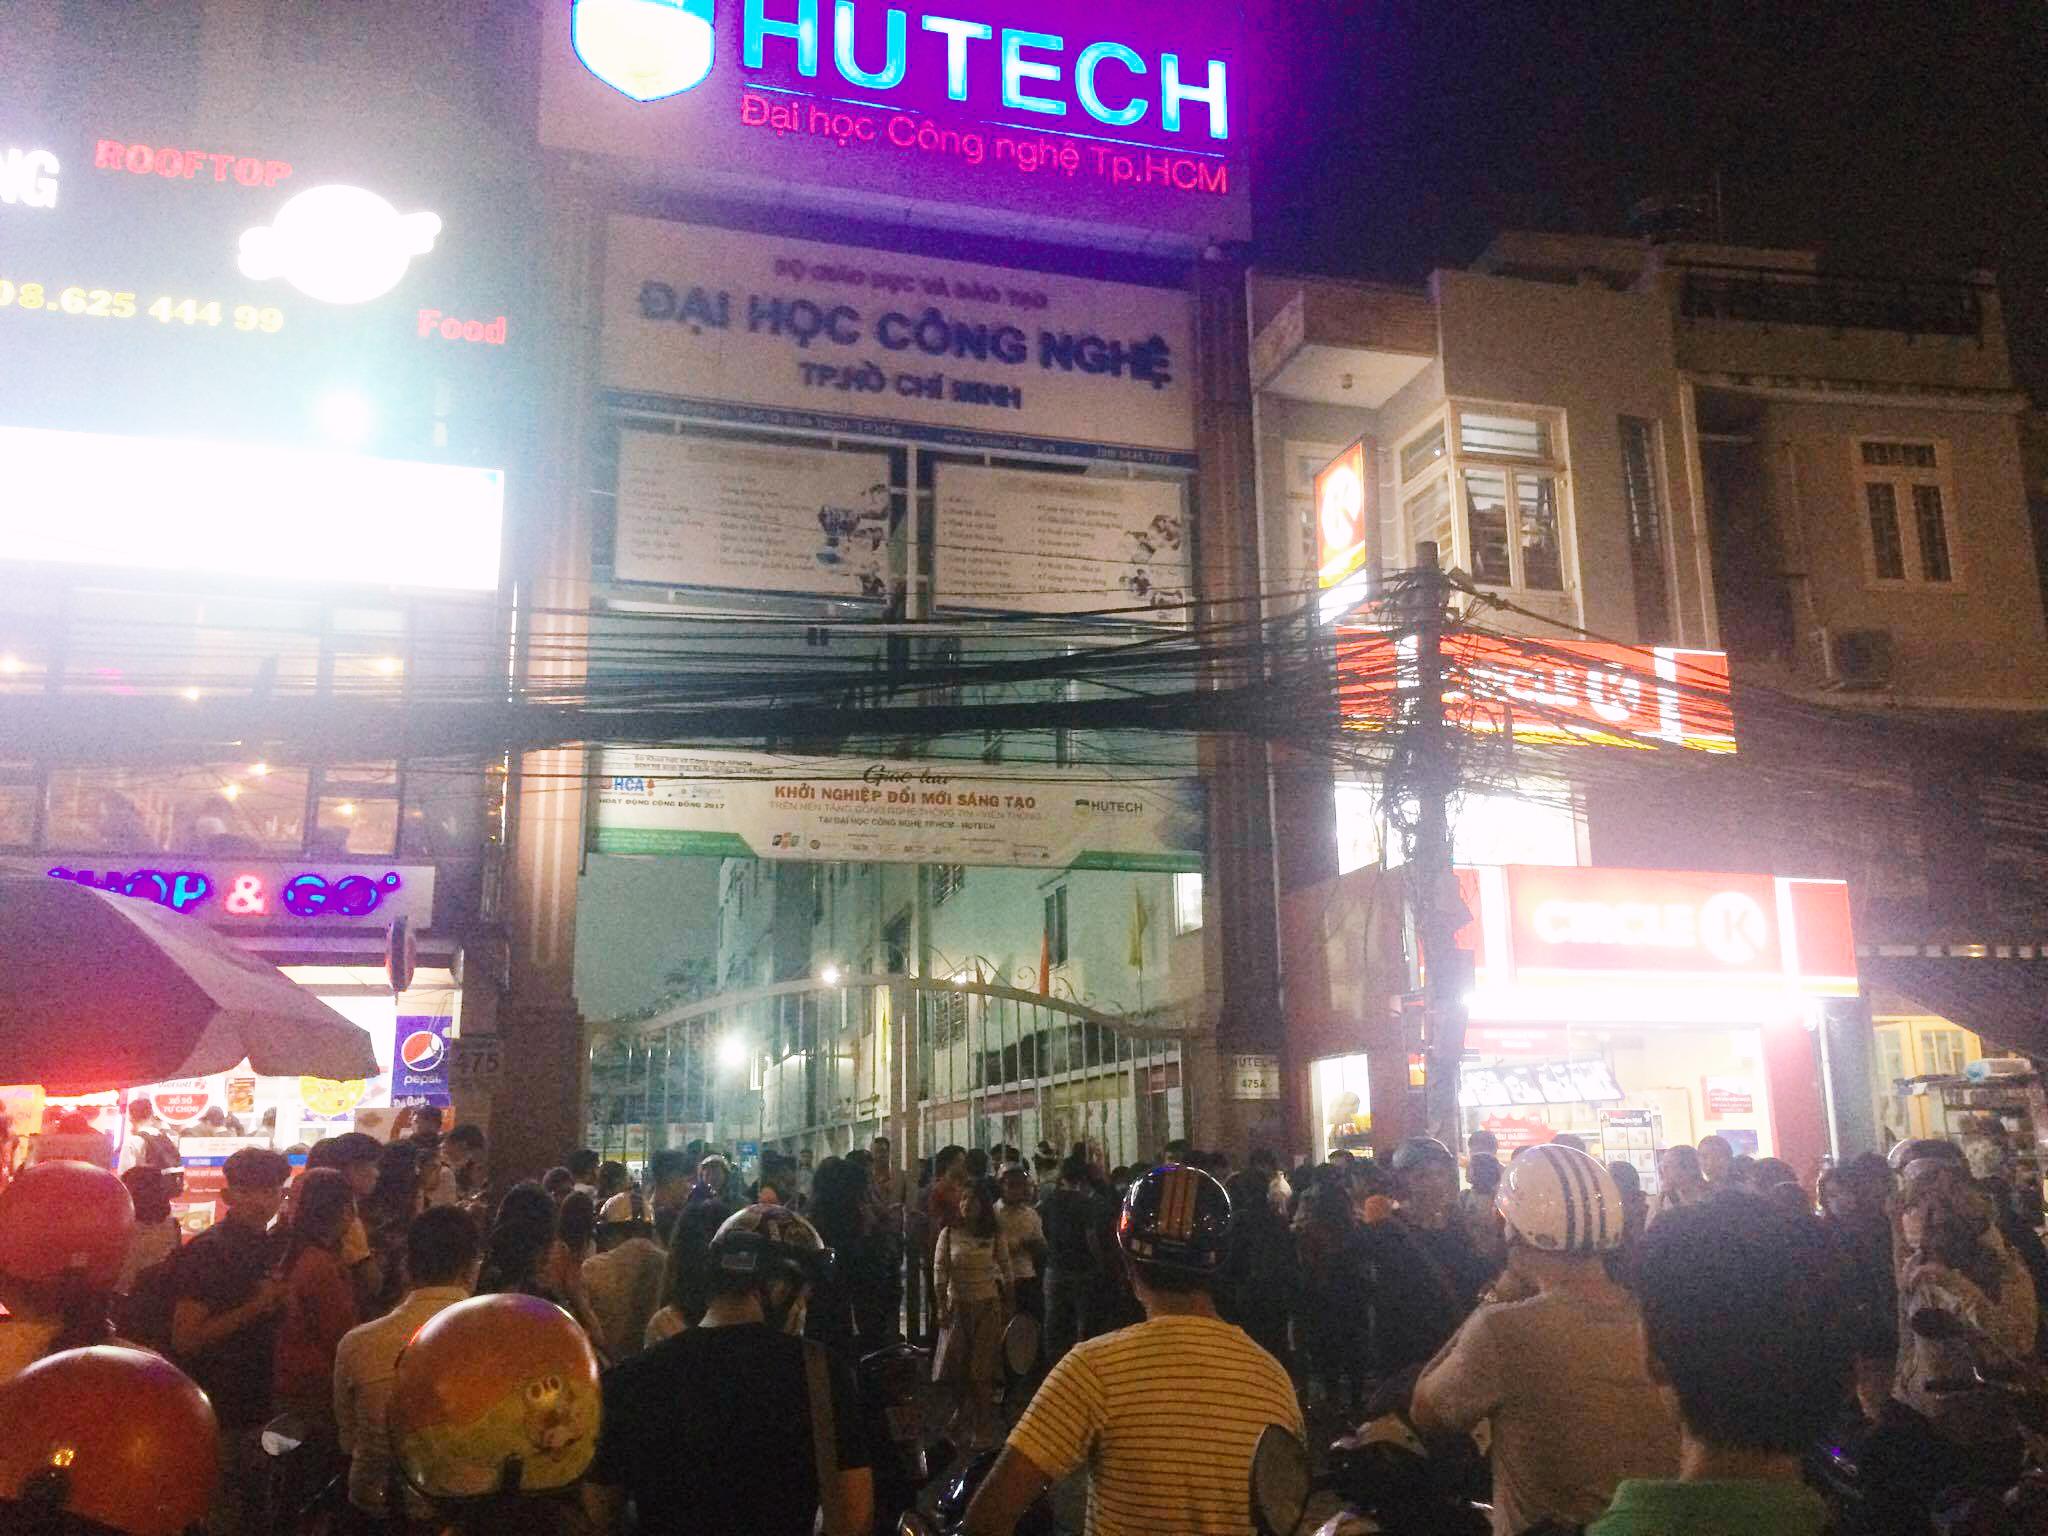 Trường Hutech đóng kín cổng sau khi một nam sinh viên tử vong thương tâm nghi do bê tông từ trên cao rơi trúng đầu - Ảnh 3.